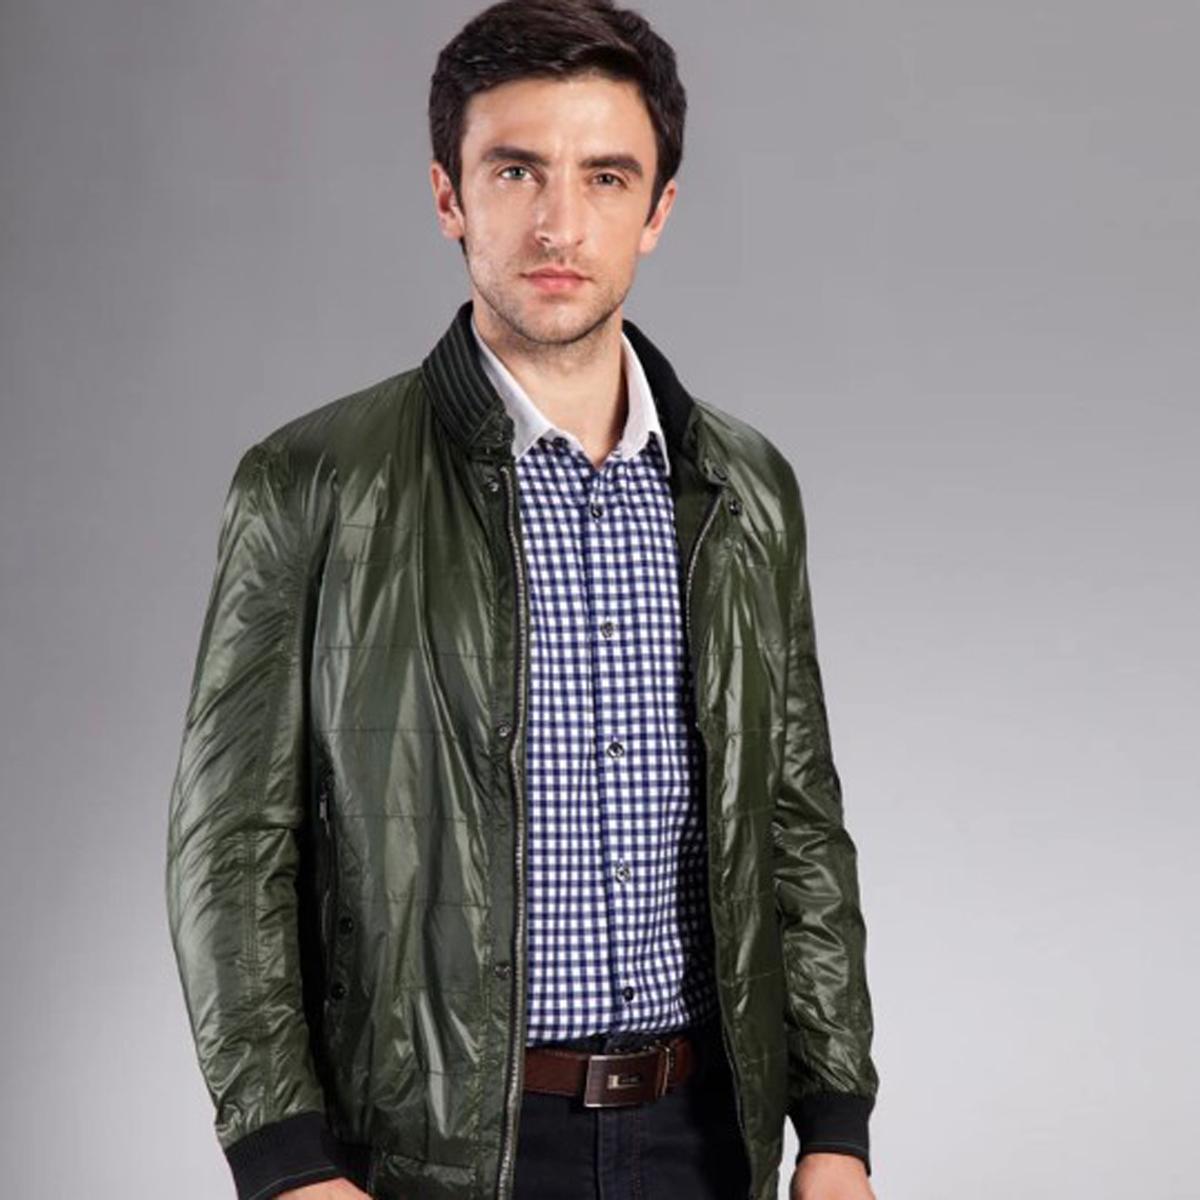 justyle什么牌子_目前最流行的商务休闲男装品牌介绍下有哪些?